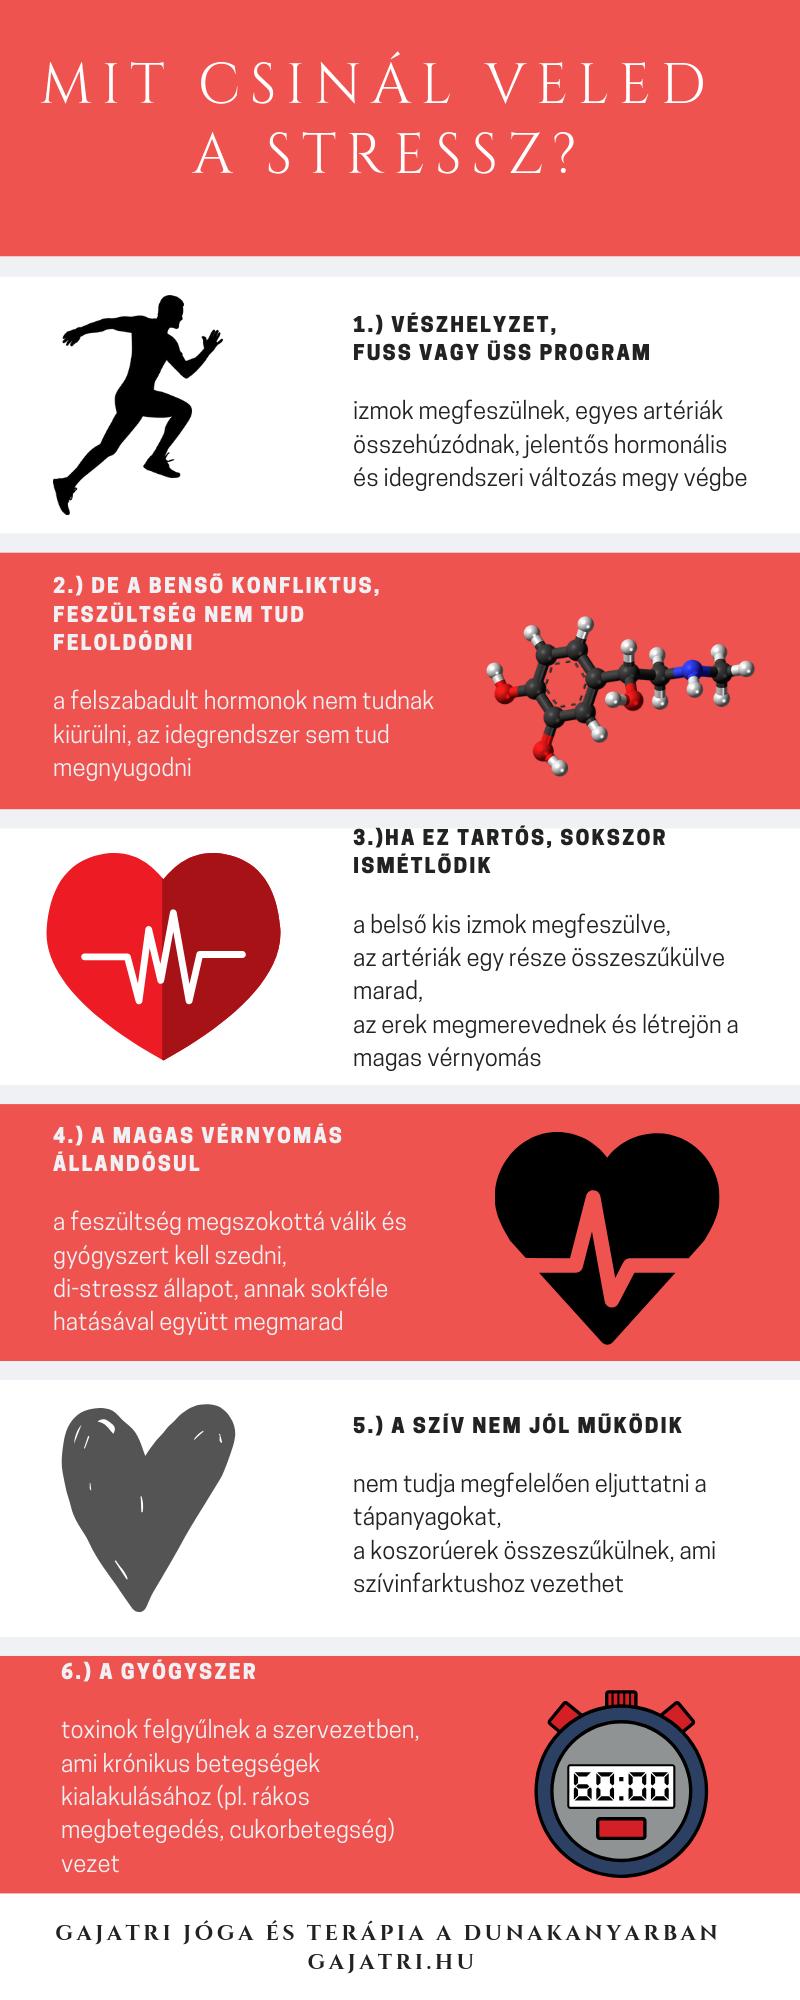 magas vérnyomás mi nem étkezés magas vérnyomás esetén